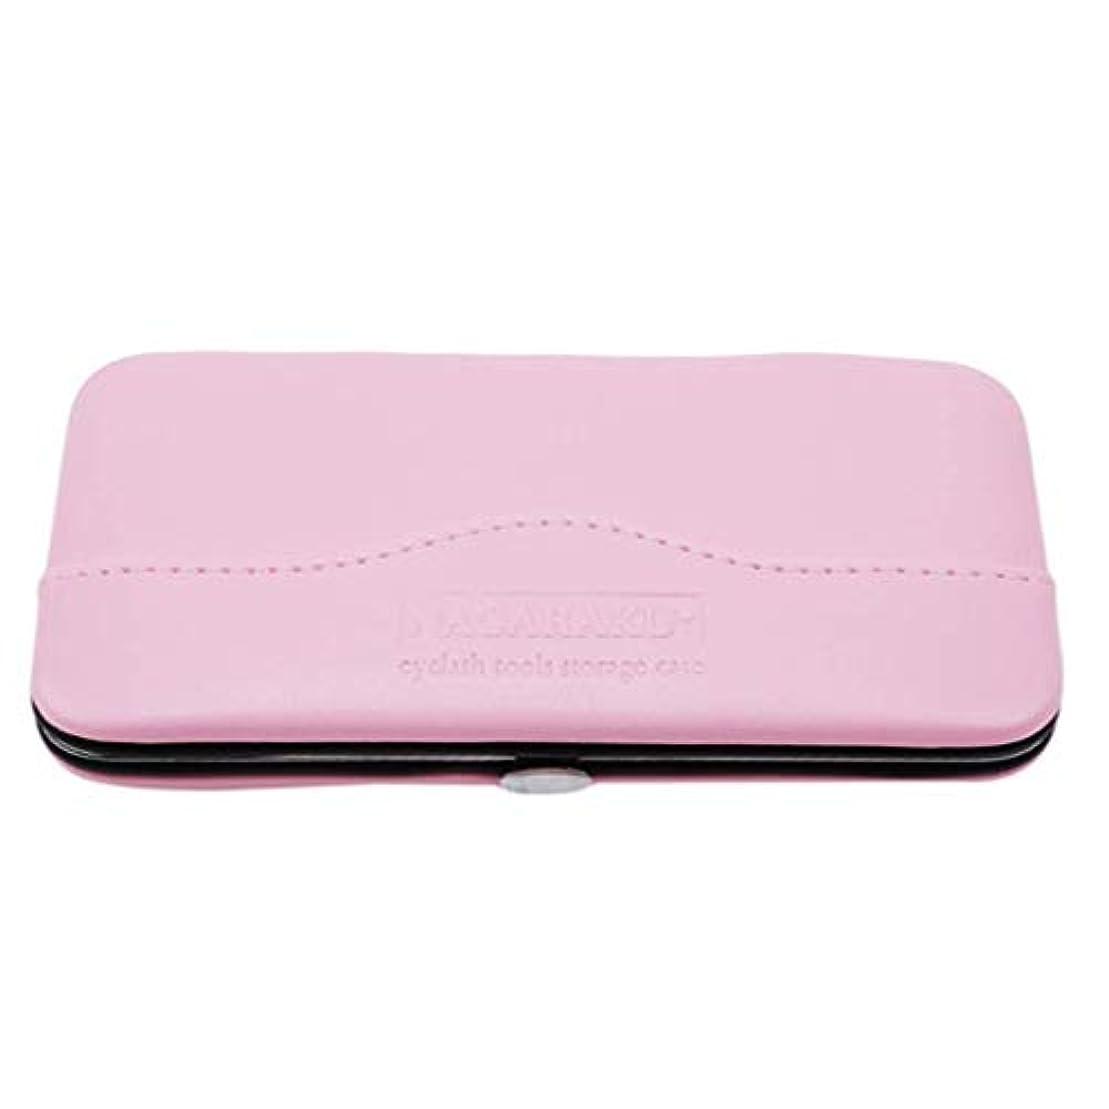 体操恩恵インストラクター1st market プレミアム品質1ピース化粧道具バッグ用まつげエクステンションピンセット収納ボックスケース